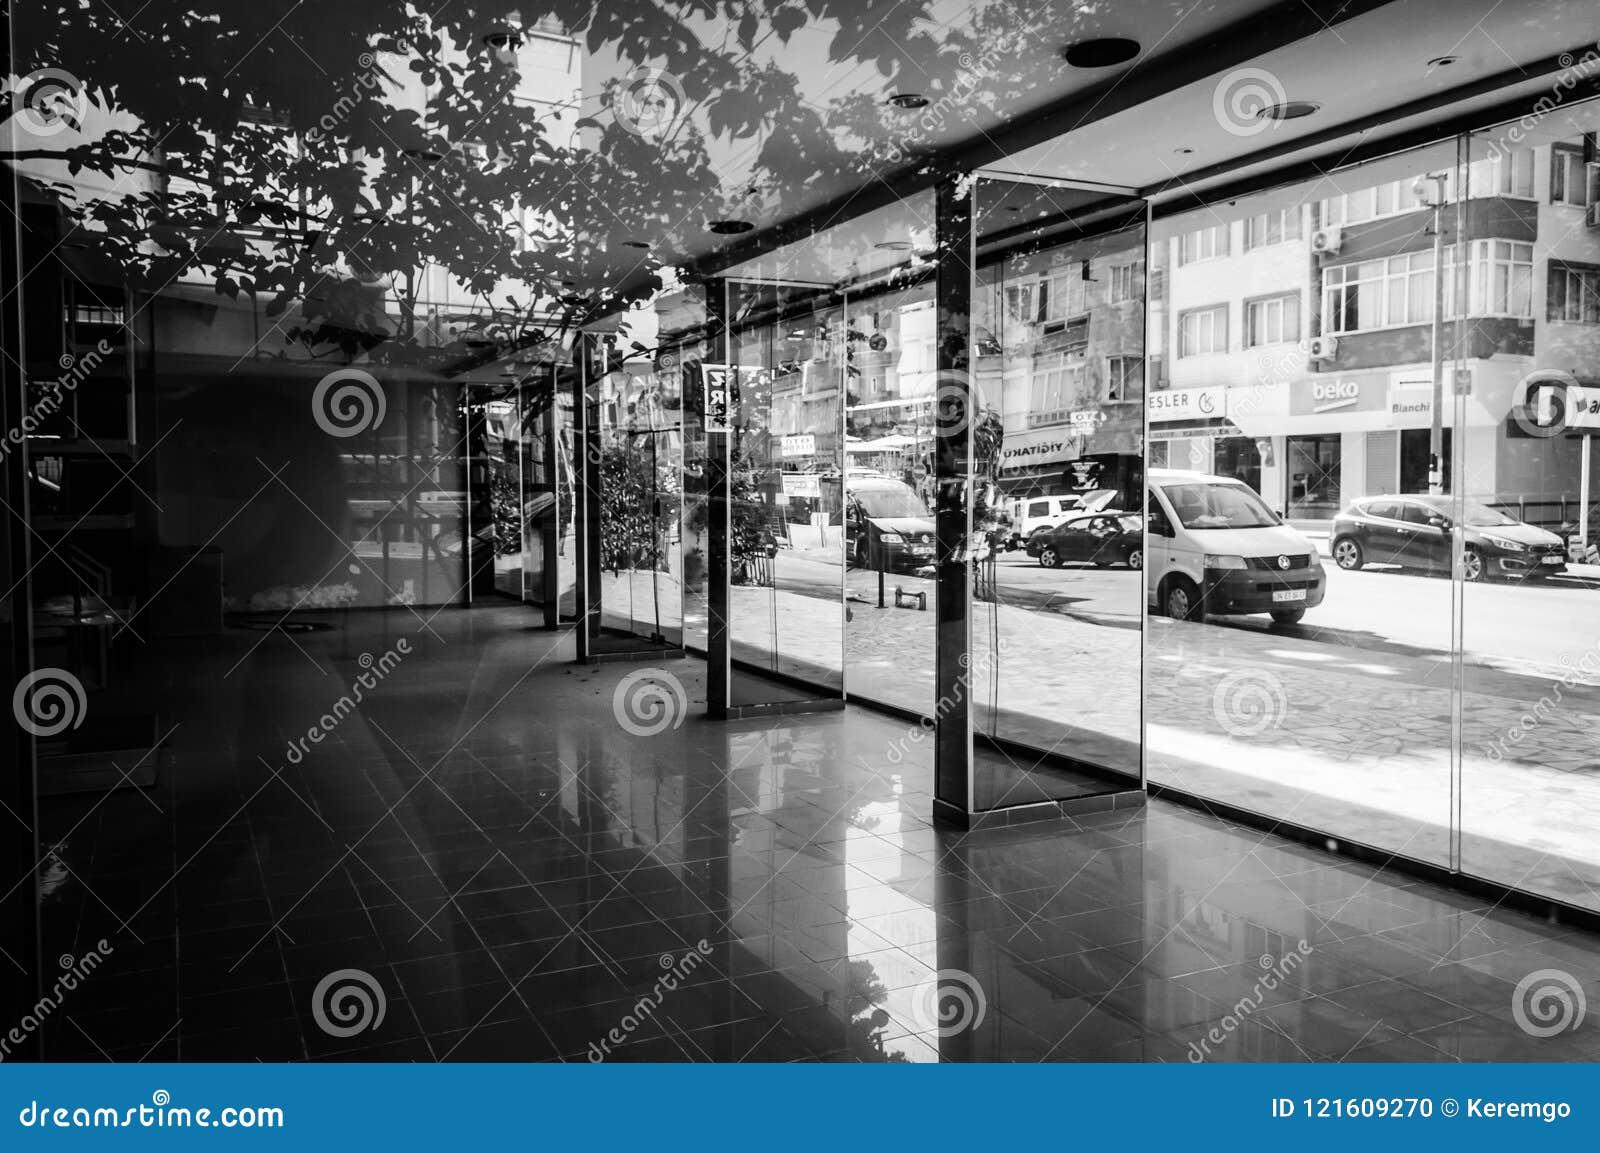 Interior constructivo Desolated con el espejo y el piso reflexivo - Turquía